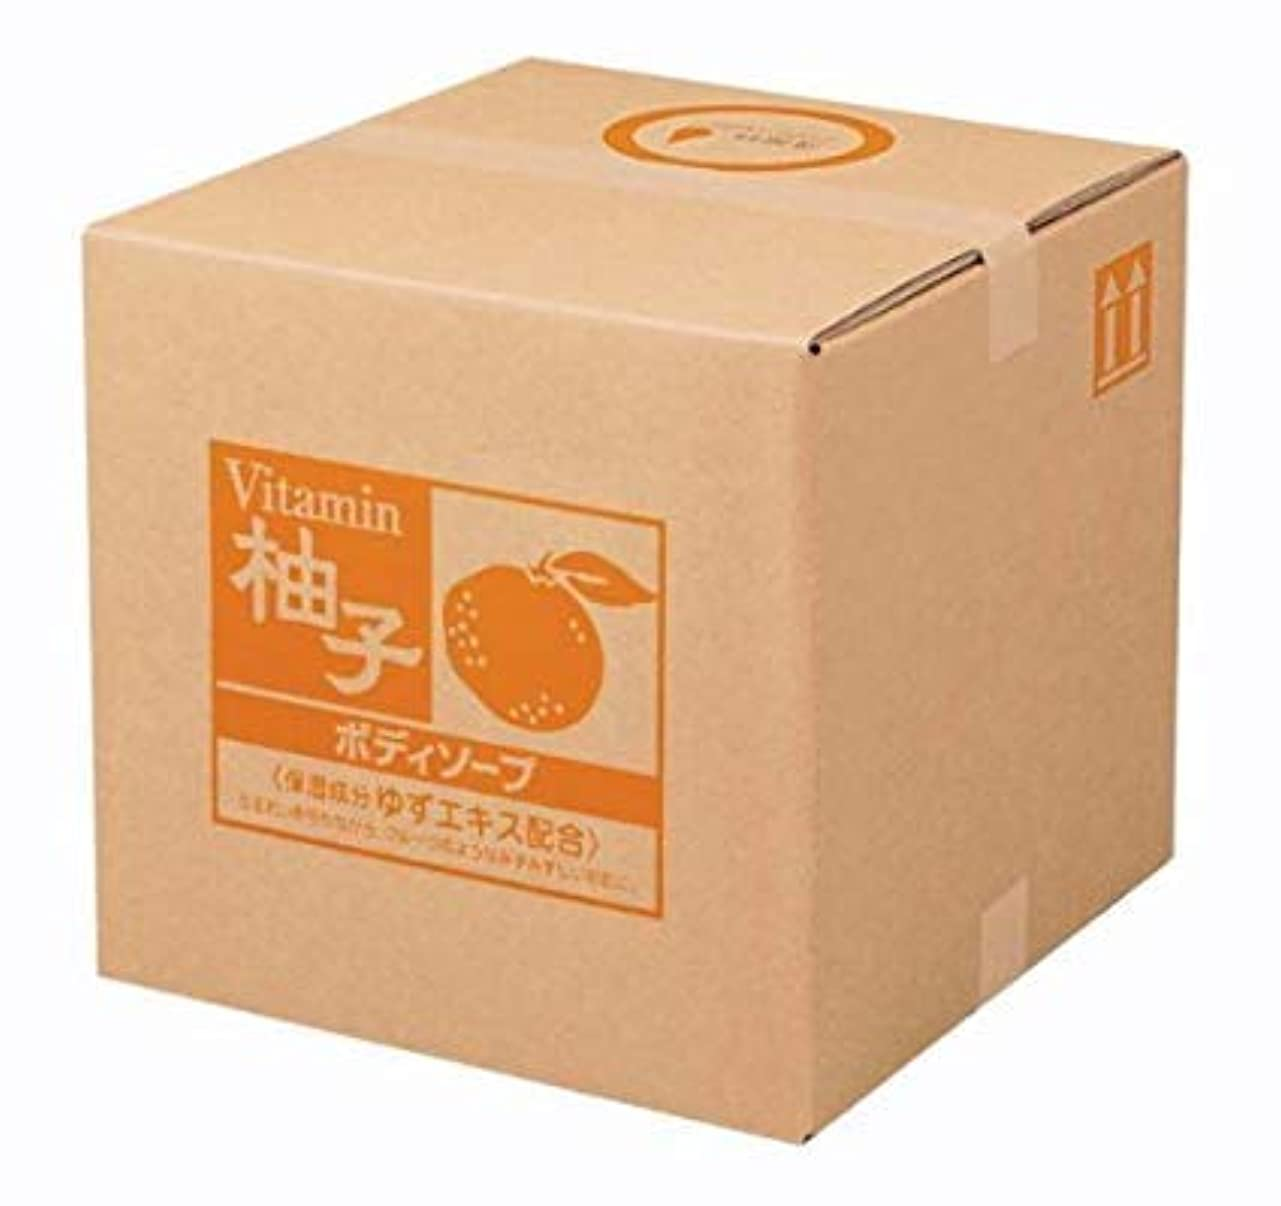 好戦的な法律個人業務用 SCRITT(スクリット) 柚子 ボディソープ 18L 熊野油脂 (コック無し)